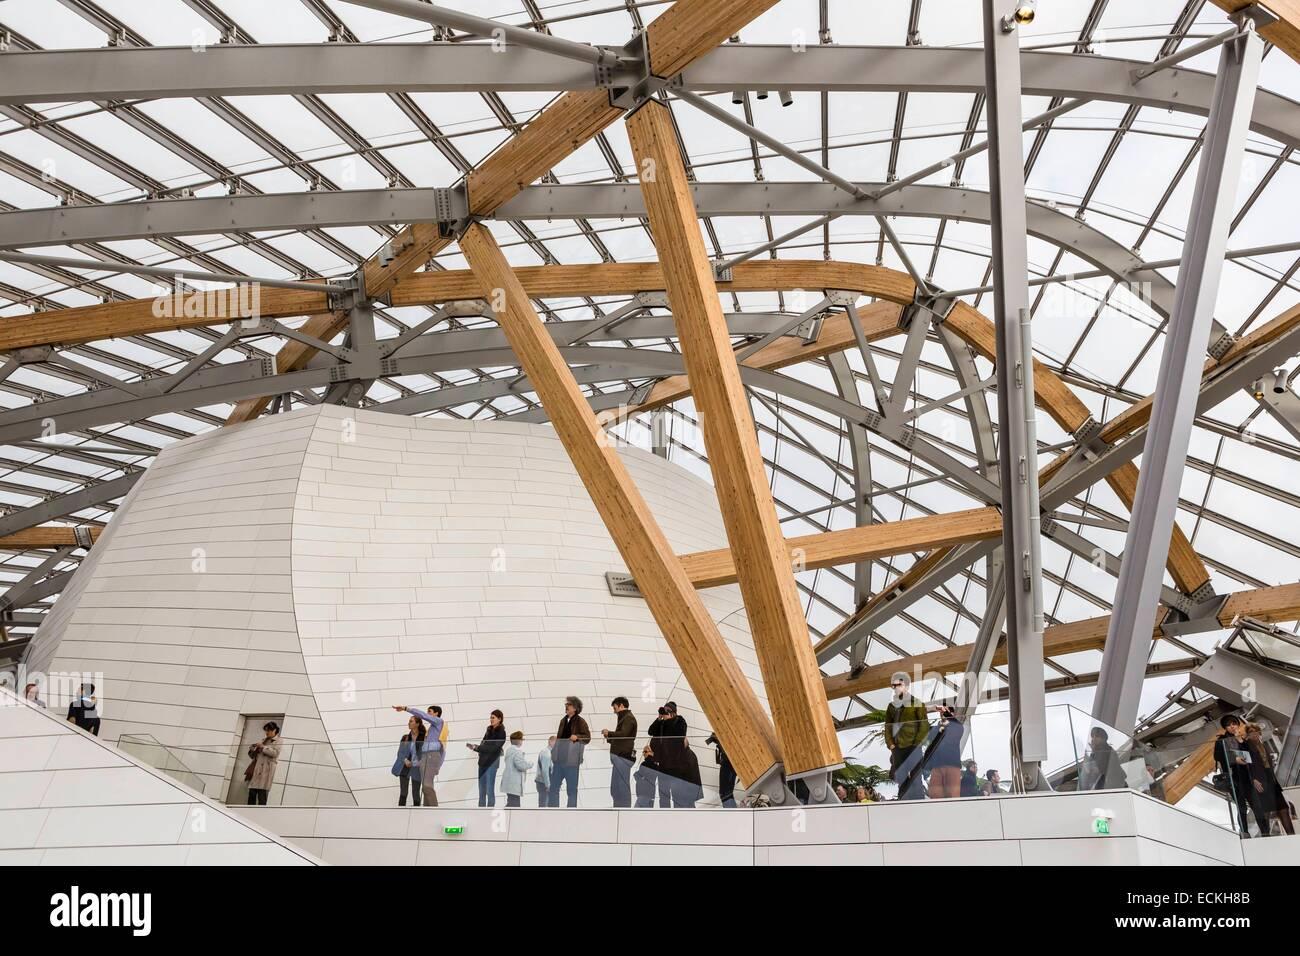 France, Paris, Bois de Boulogne, Louis Vuitton Foundation by Stock Photo, Roy